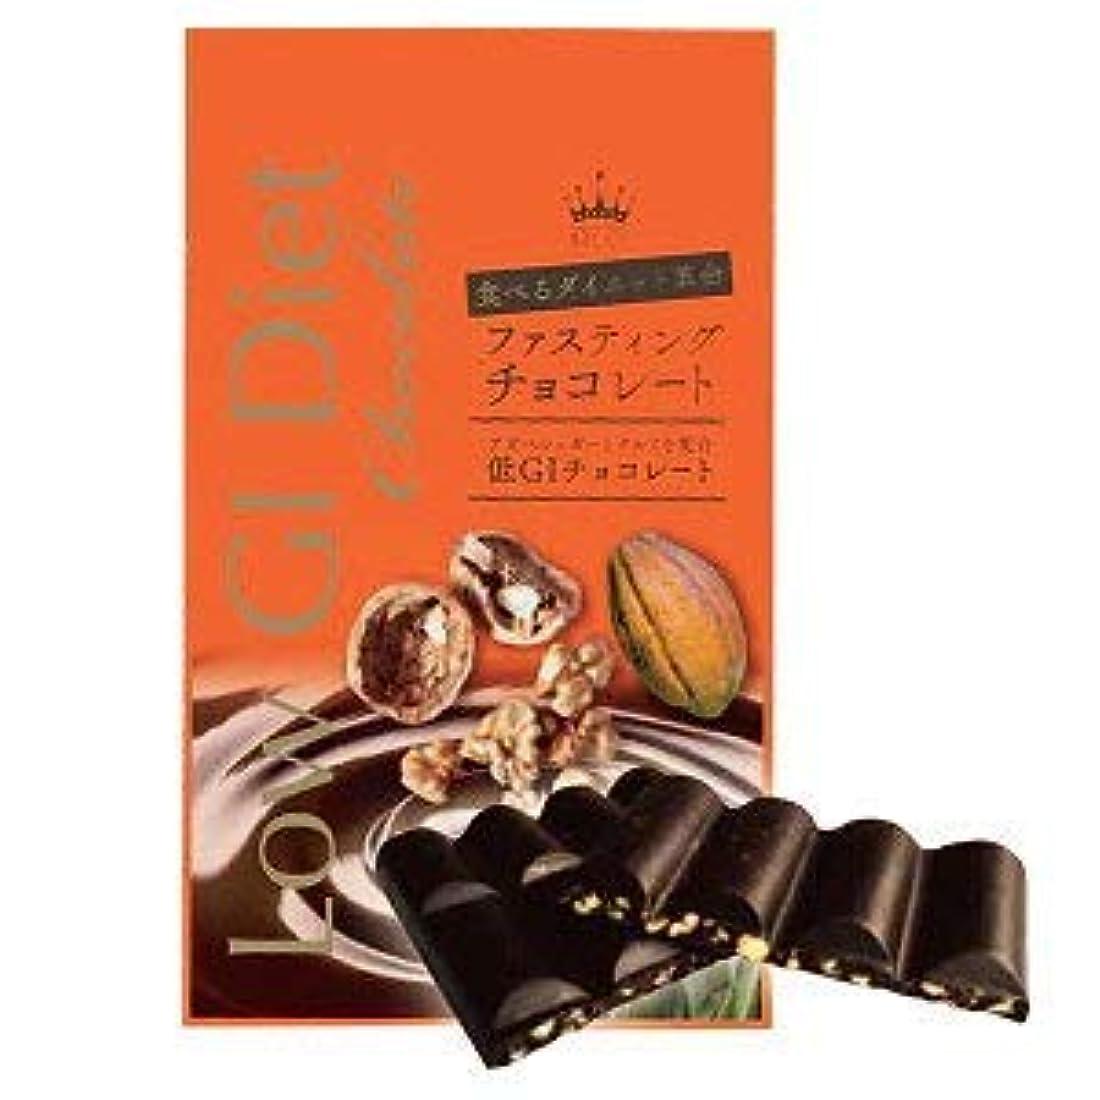 告発ポンペイ日食ファスティングチョコレート 25g×3個 1袋